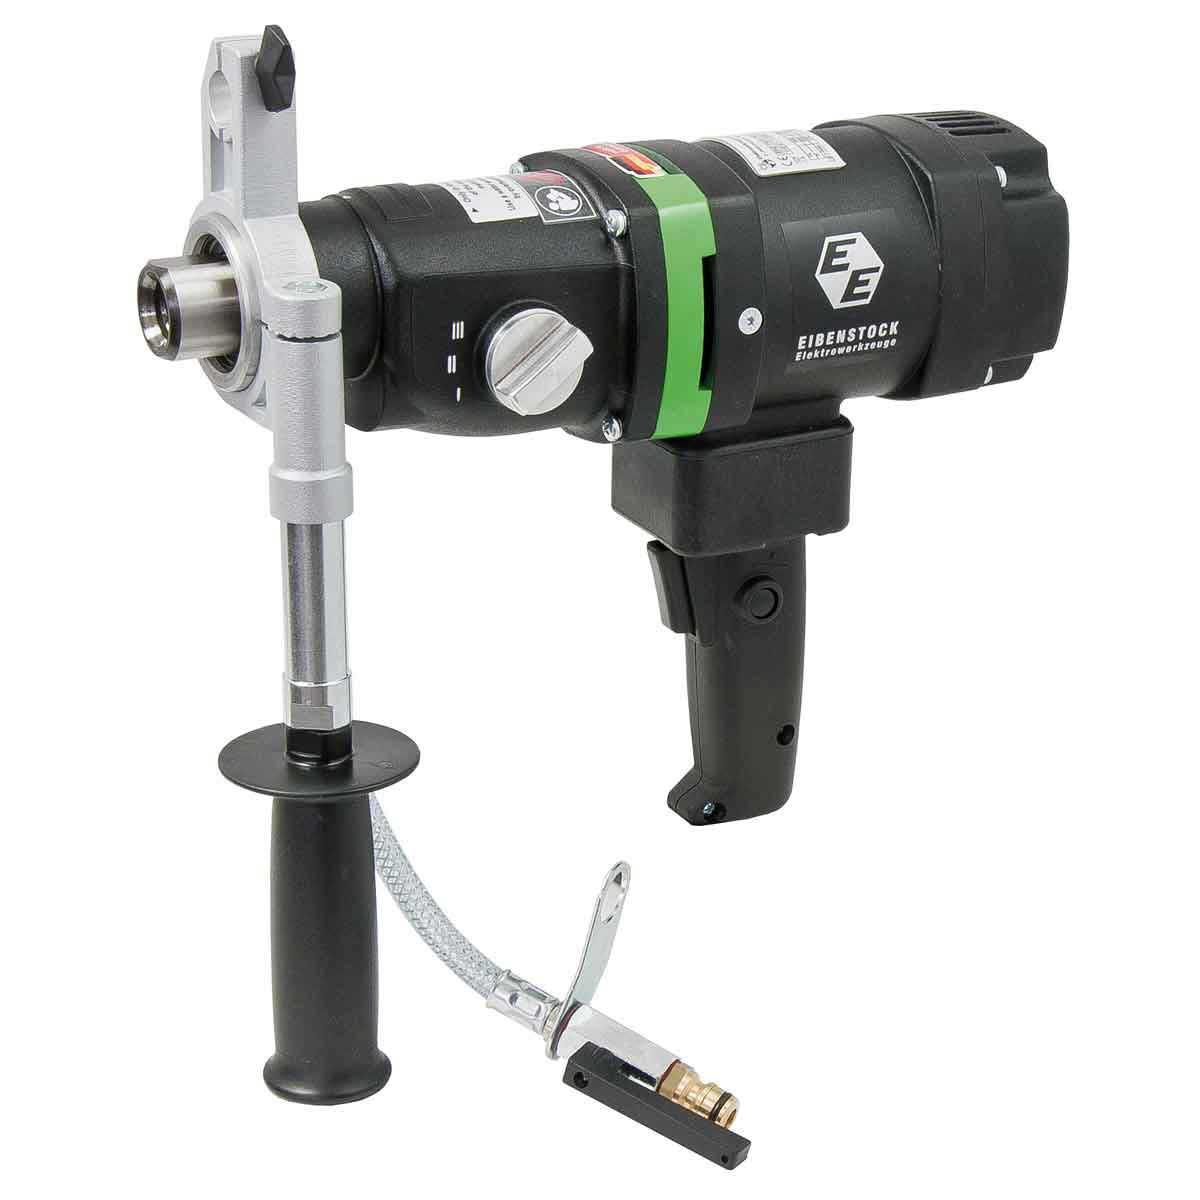 Eibenstock END130/3.1 3-Speed Core Drill